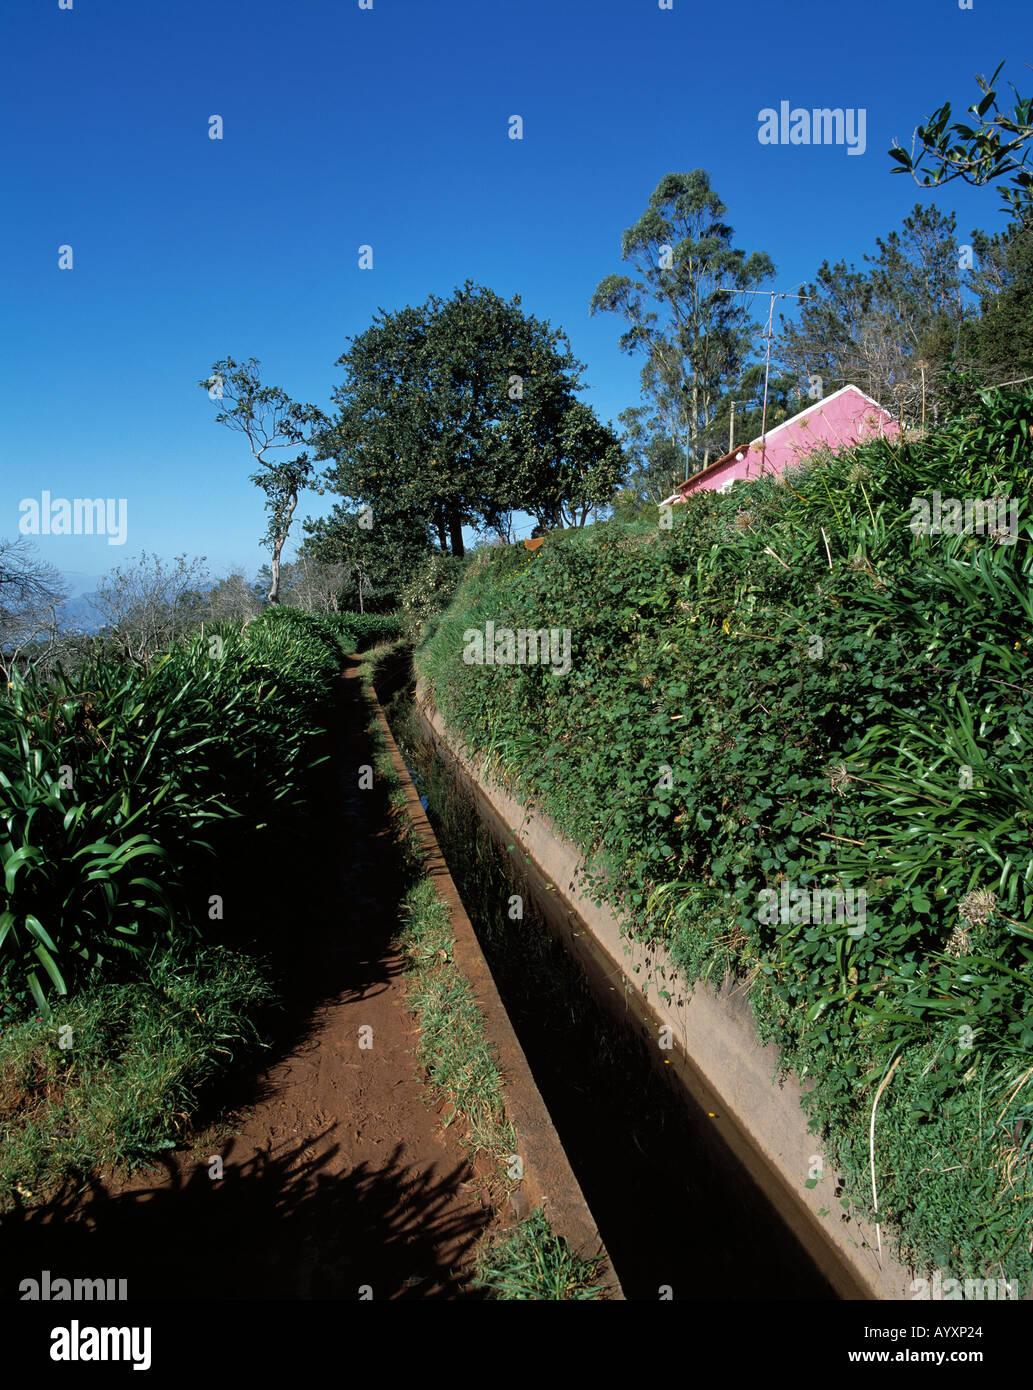 Levada, typischer Bewaesserungskanal fuer die Landwirtschaft auf Madeira Stock Photo